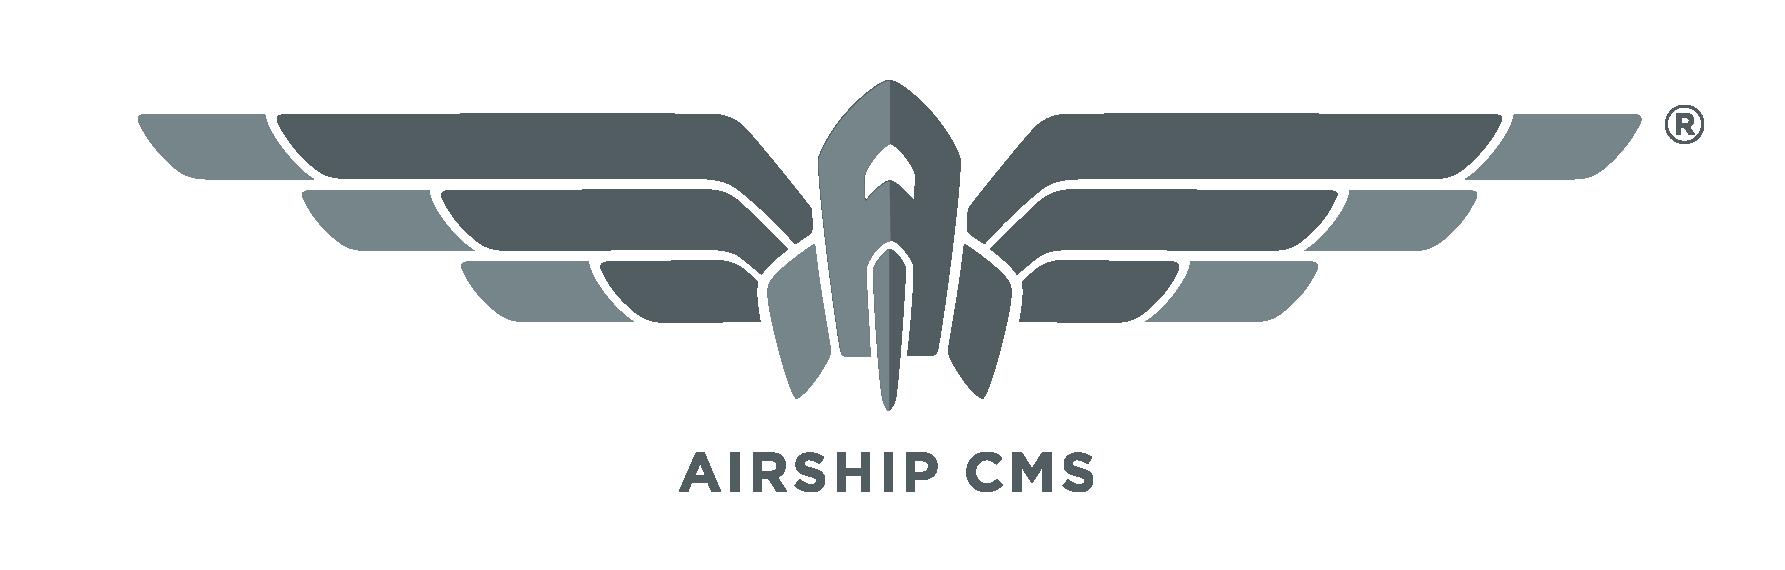 Airship CMS Logo